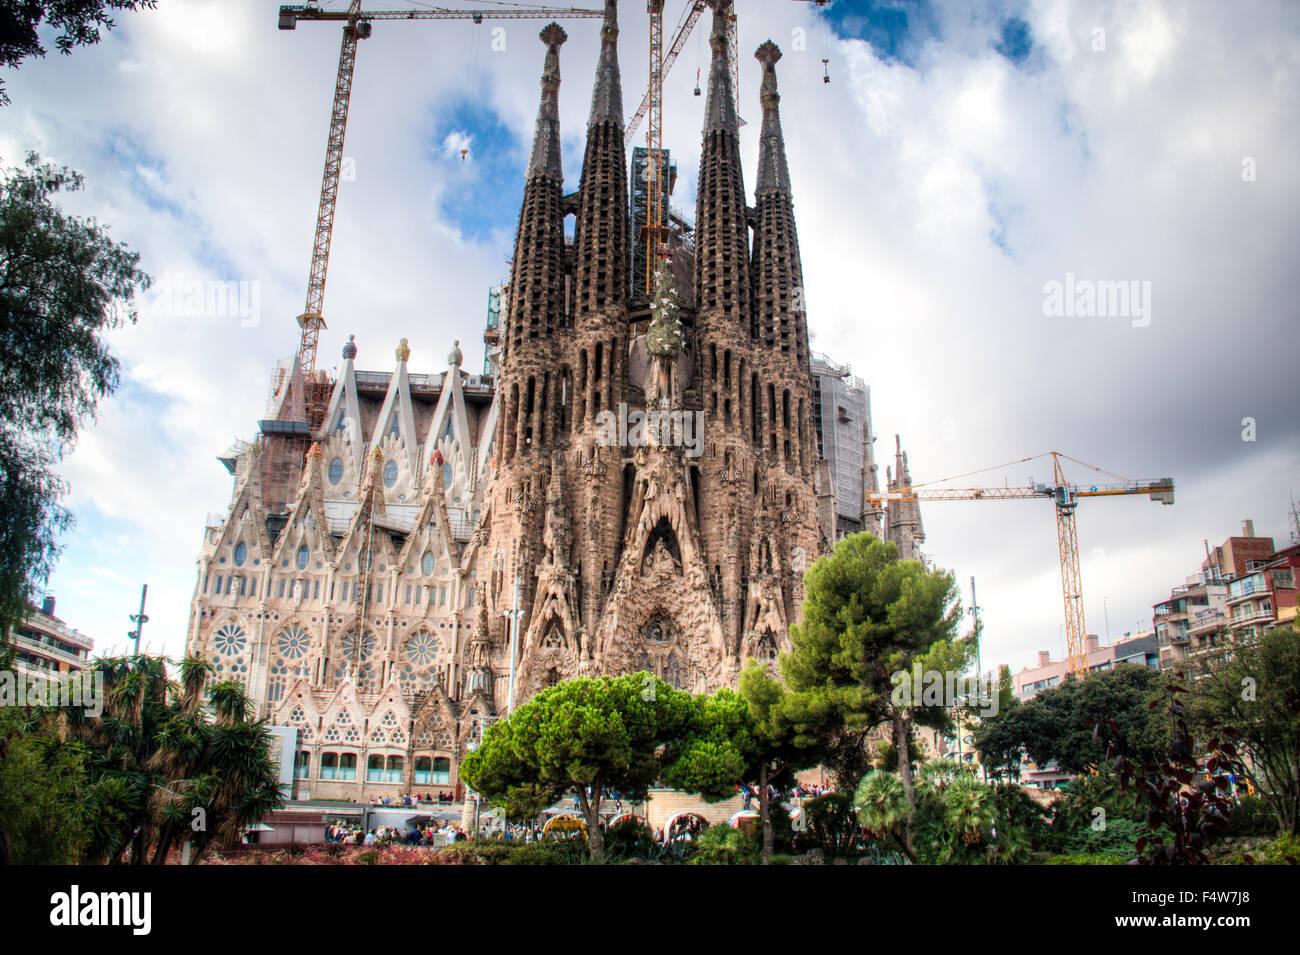 The Sagrada Familia in Barcelona, Spain - Stock Image